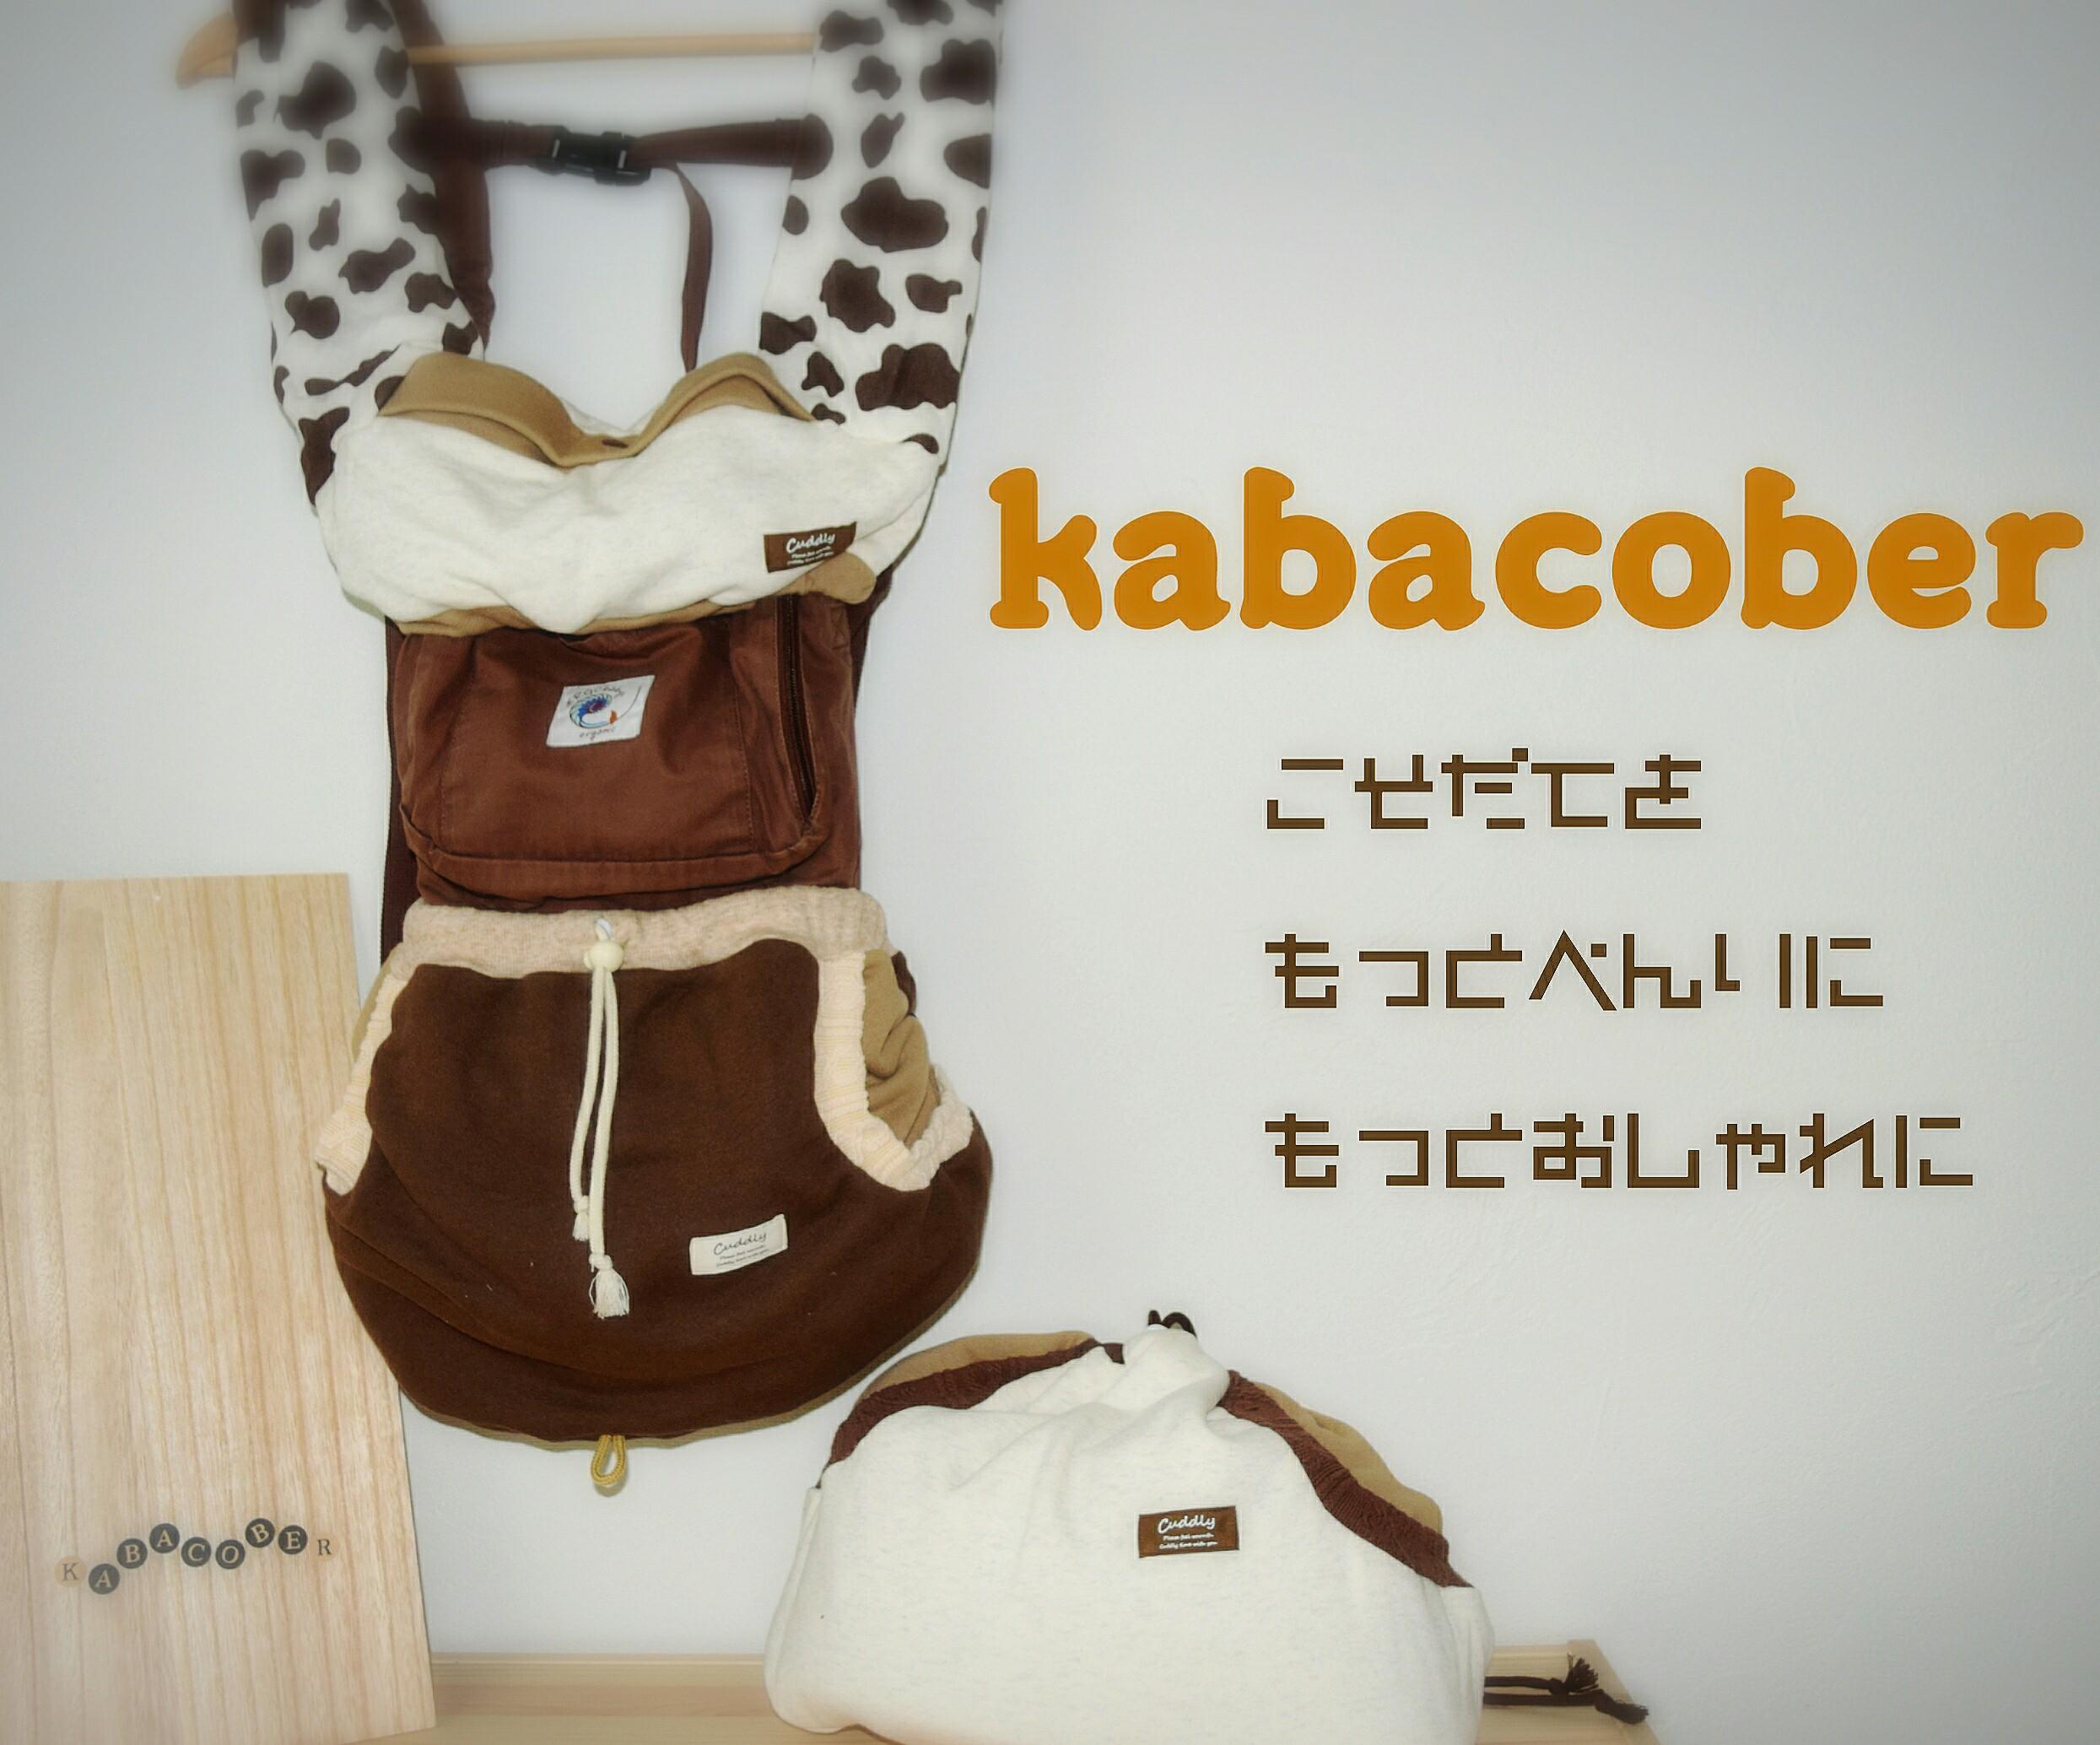 kabacober